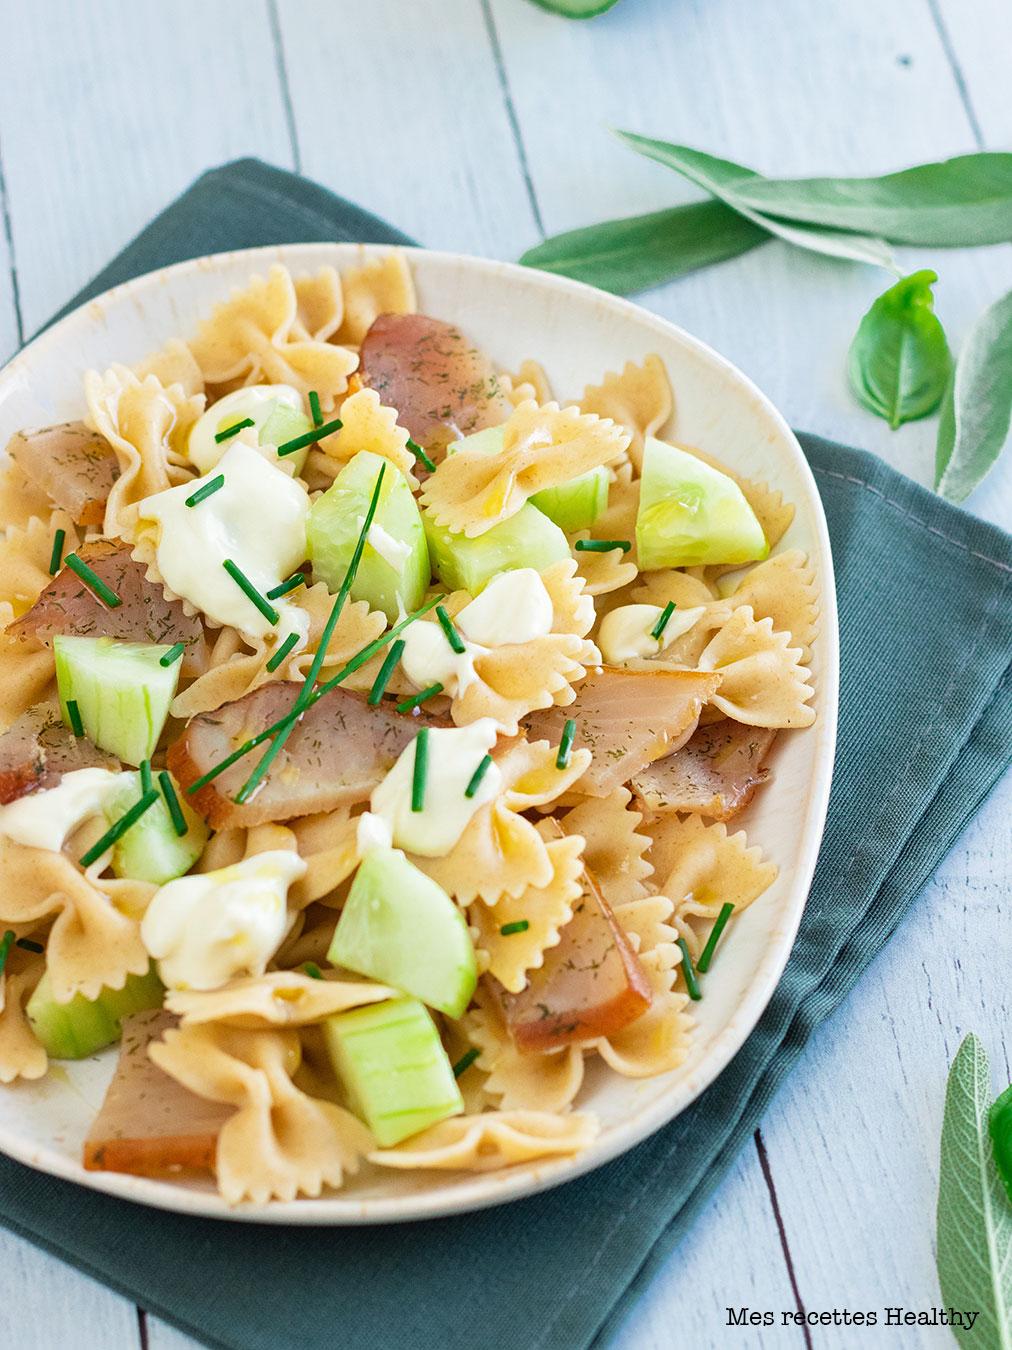 recette healthy-pâte au thon fume-concombre-mozzarella